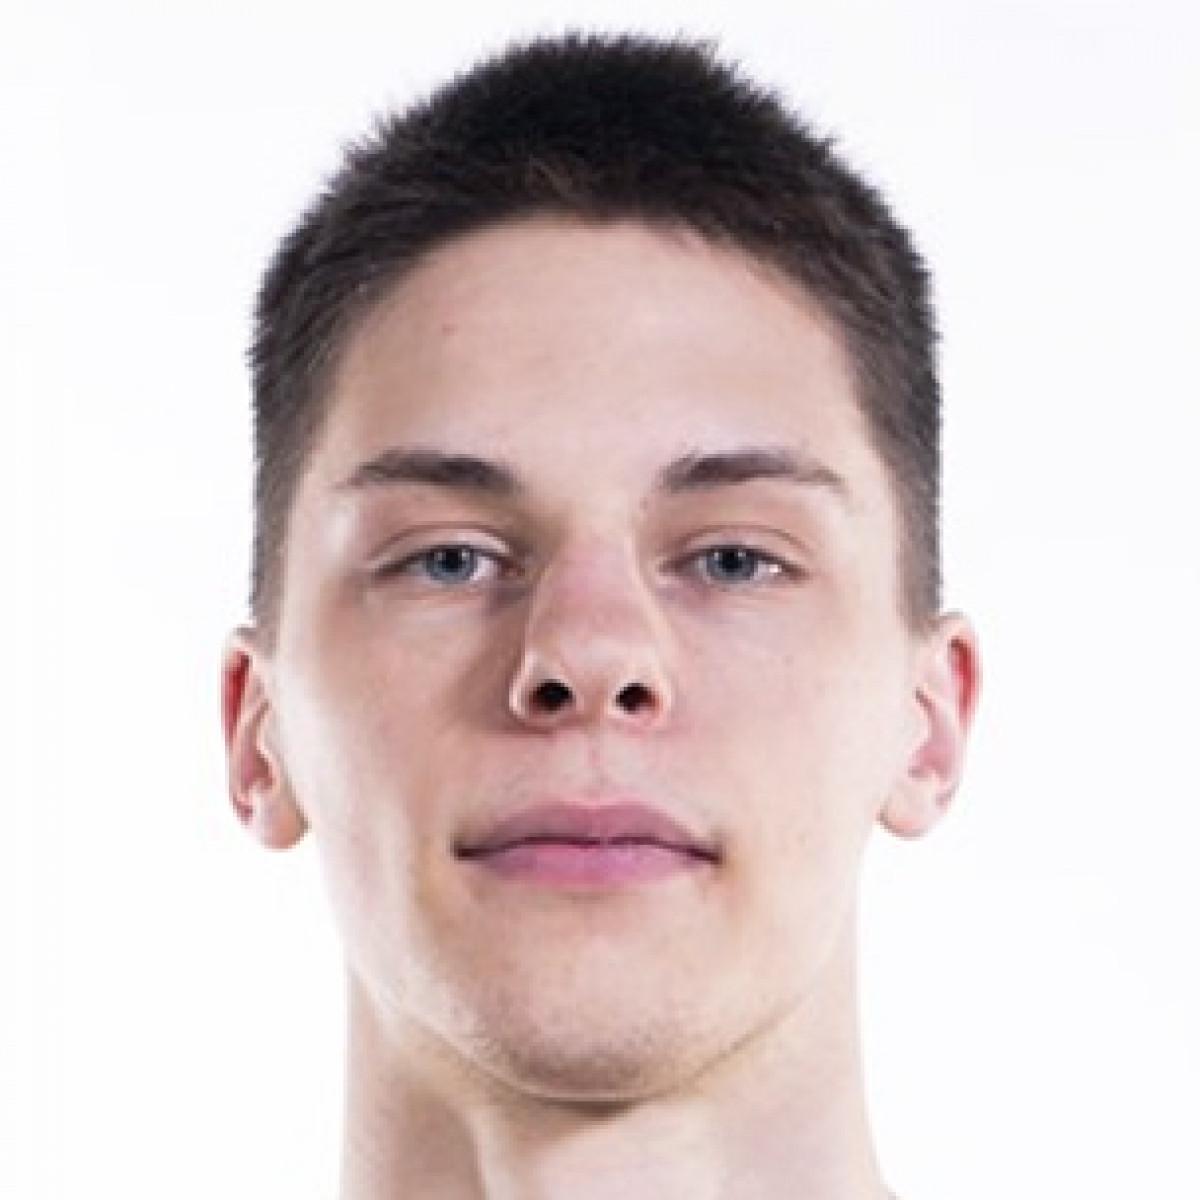 Justinas Ramanauskas